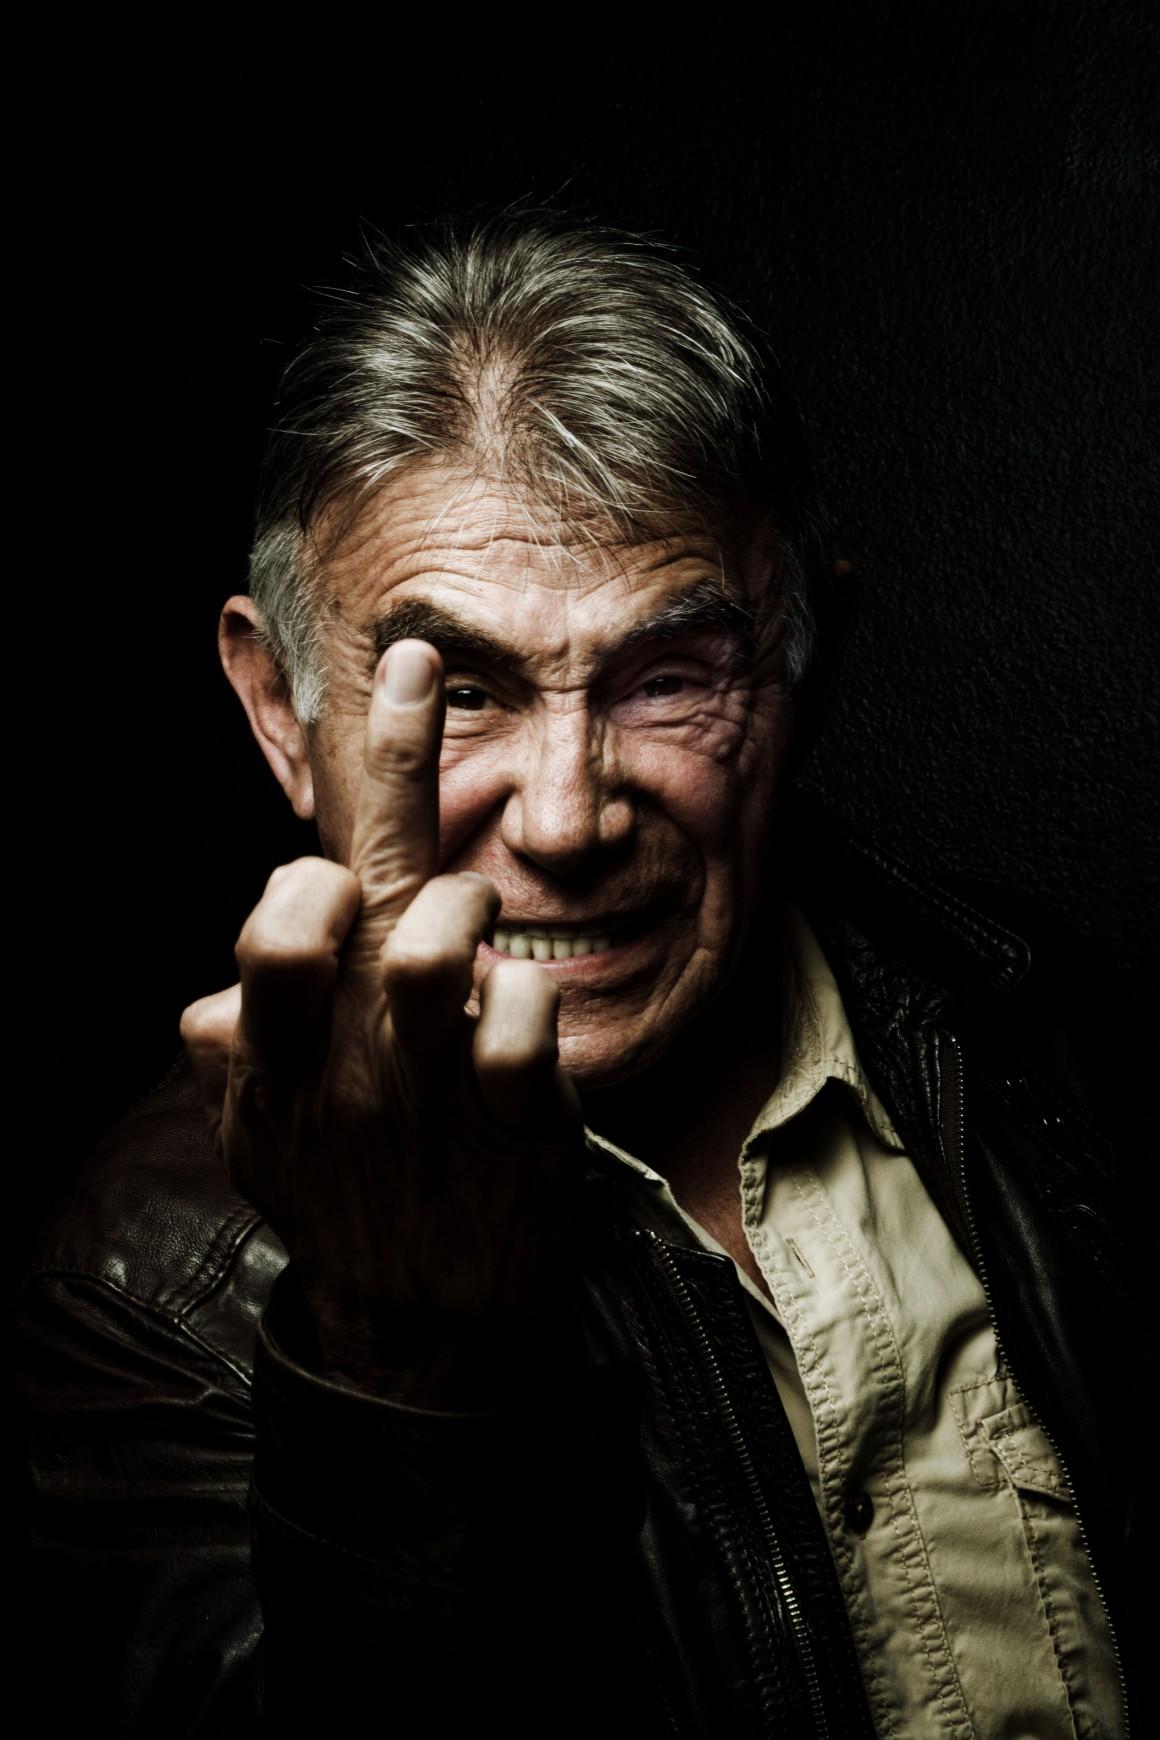 """Héctpr Suárez, fotografiado previo al ensayo de una obra para Newsweek en Español, """"Viene una farsa en la que sabemos quién va a ganar"""", dijo sobre la elecciones intermedias de 2015."""